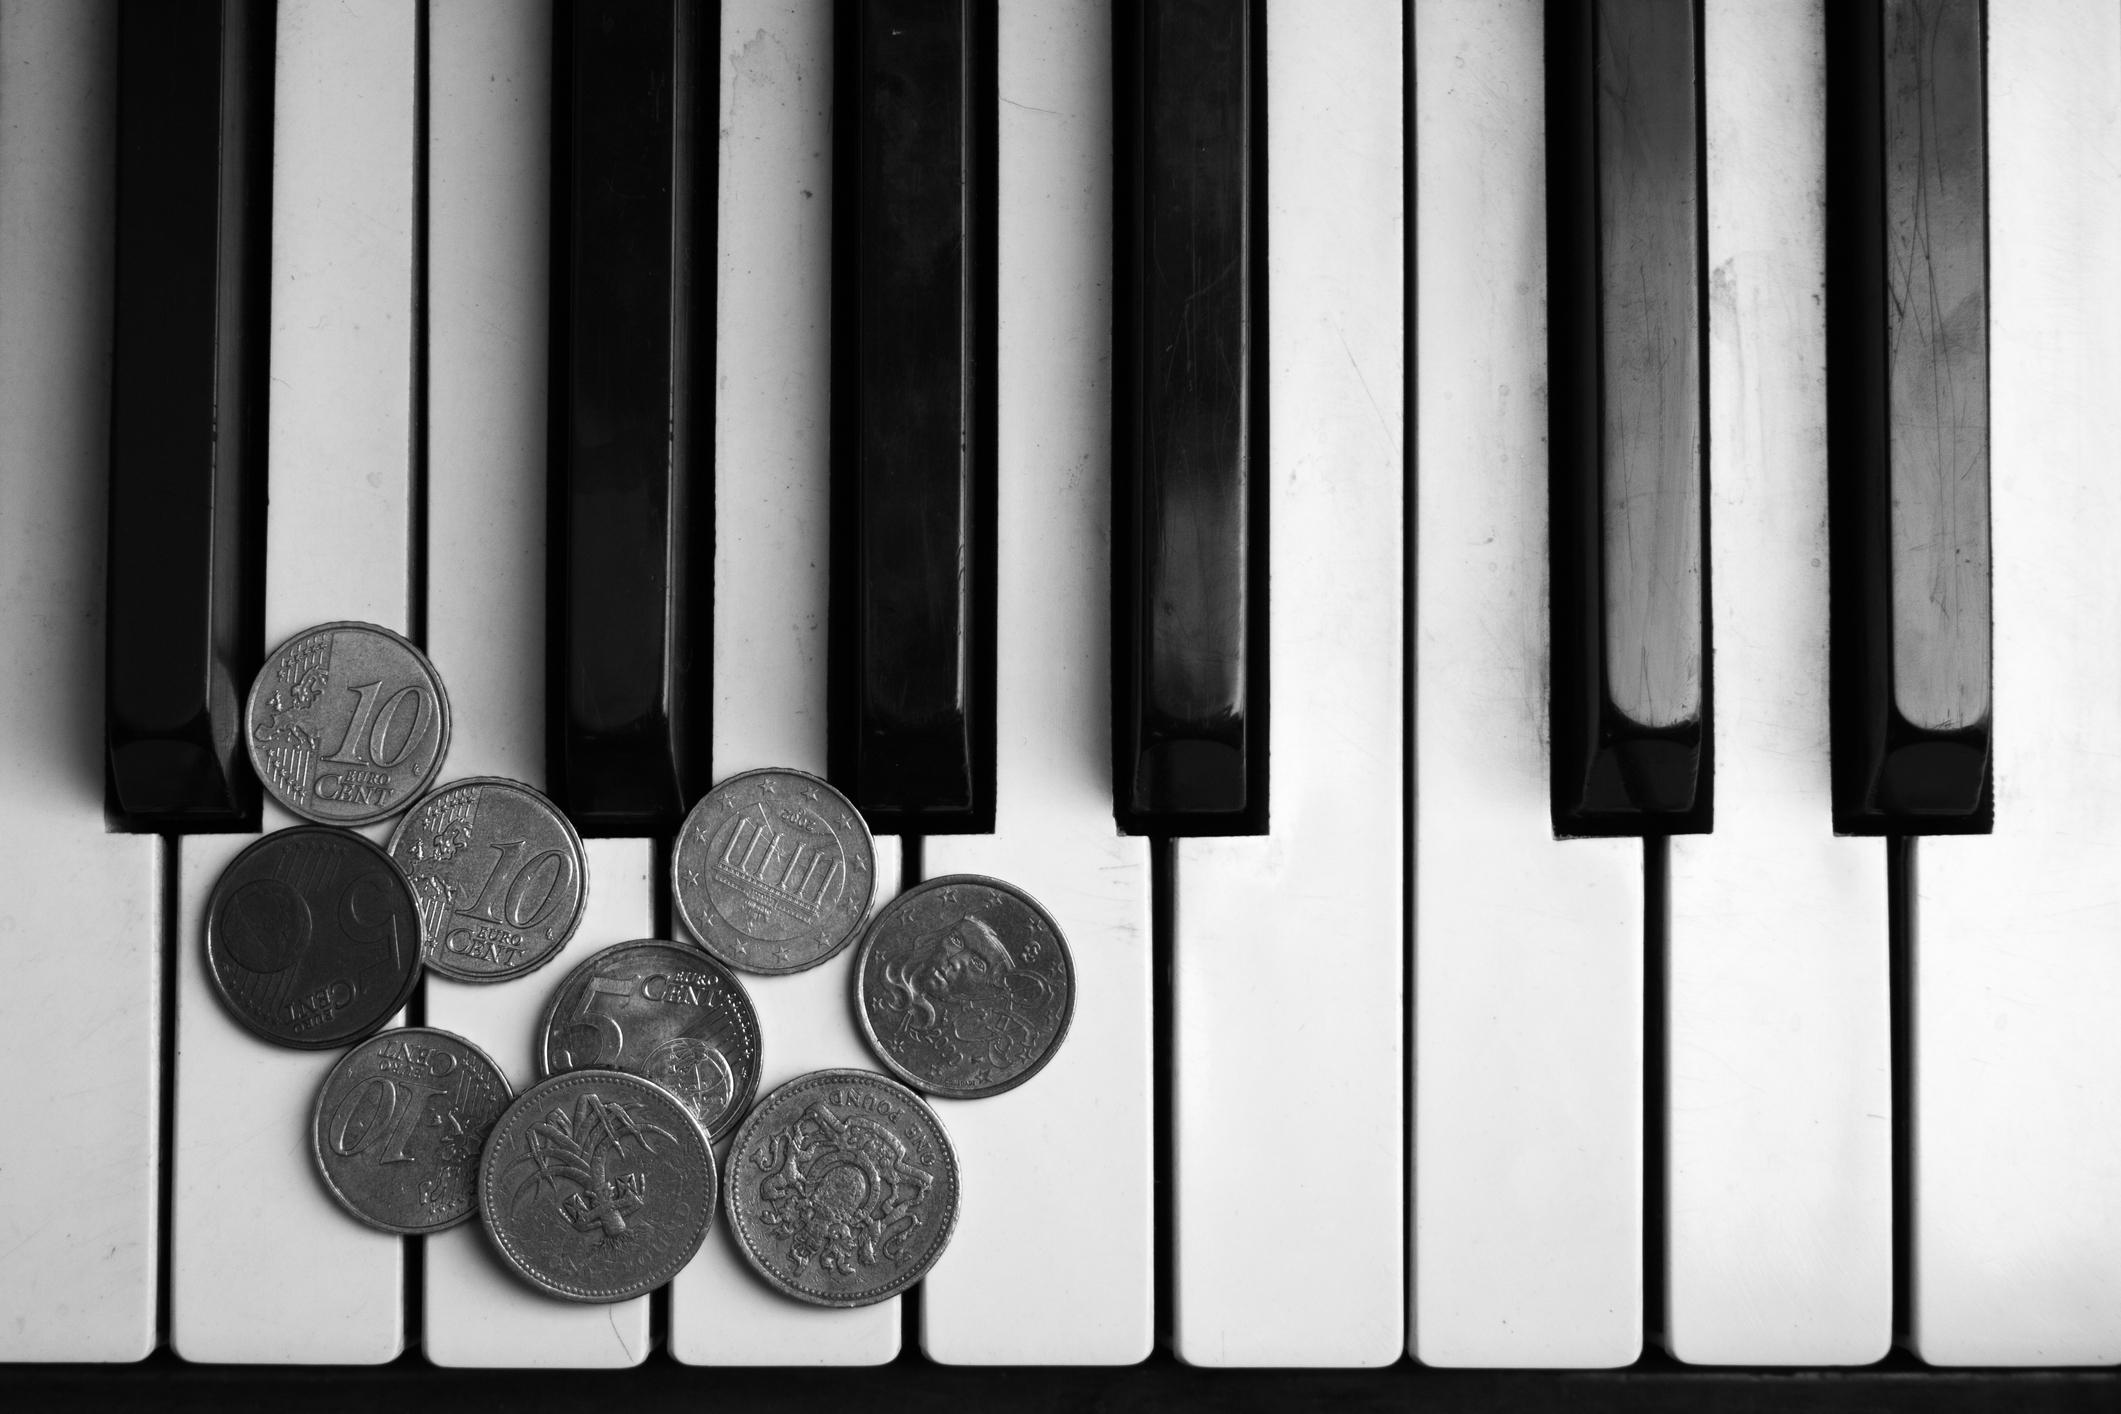 چگونه موزیک خود را منتشر کنم؟